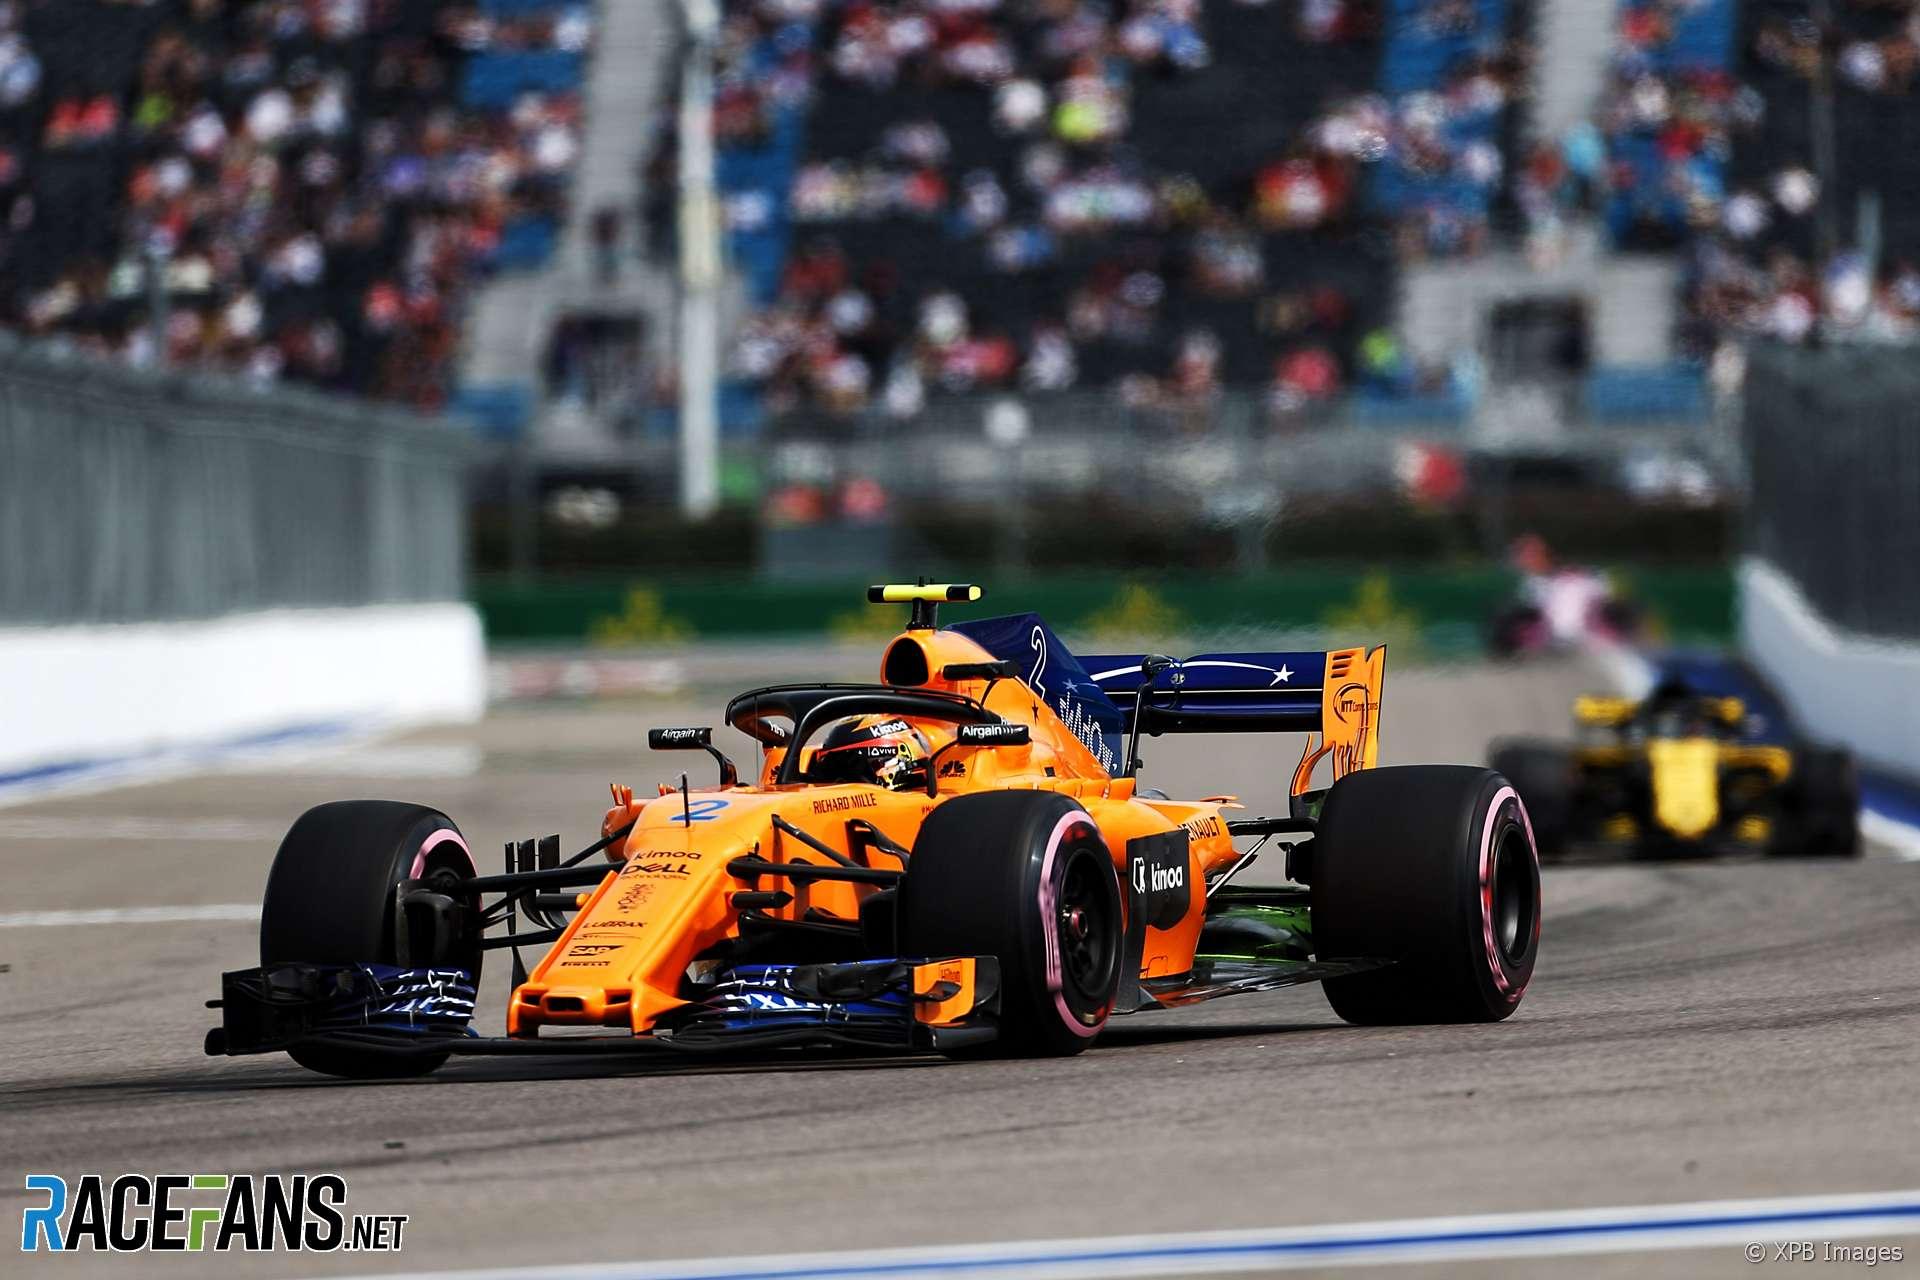 racefansdotnet-20180928-105642-2.jpg